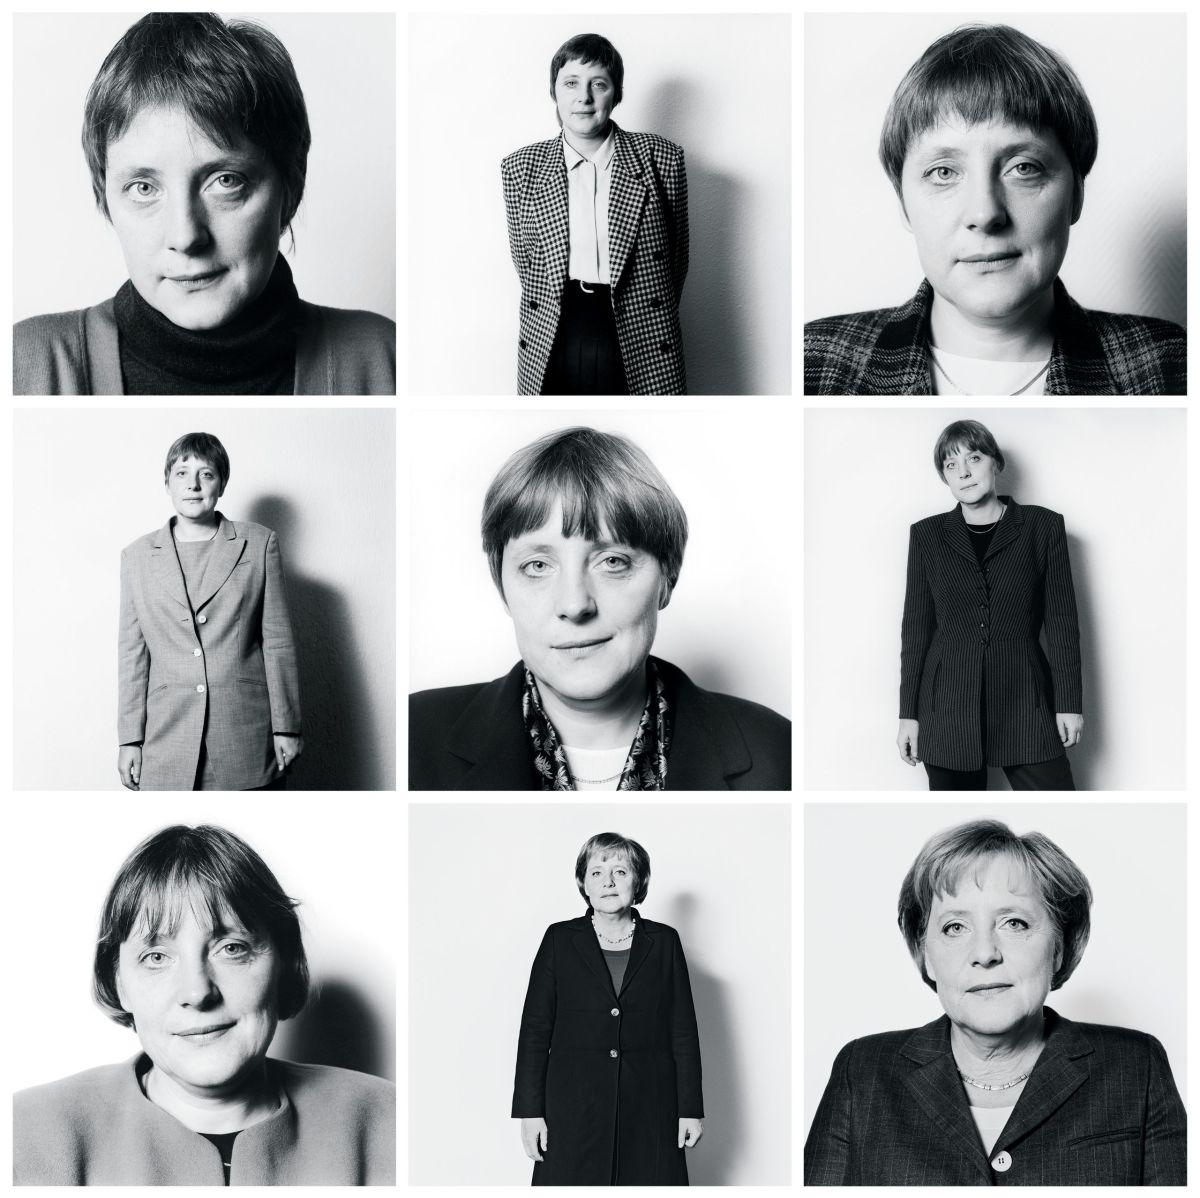 Angela Merkel shot by  Herlinde Koelbl .